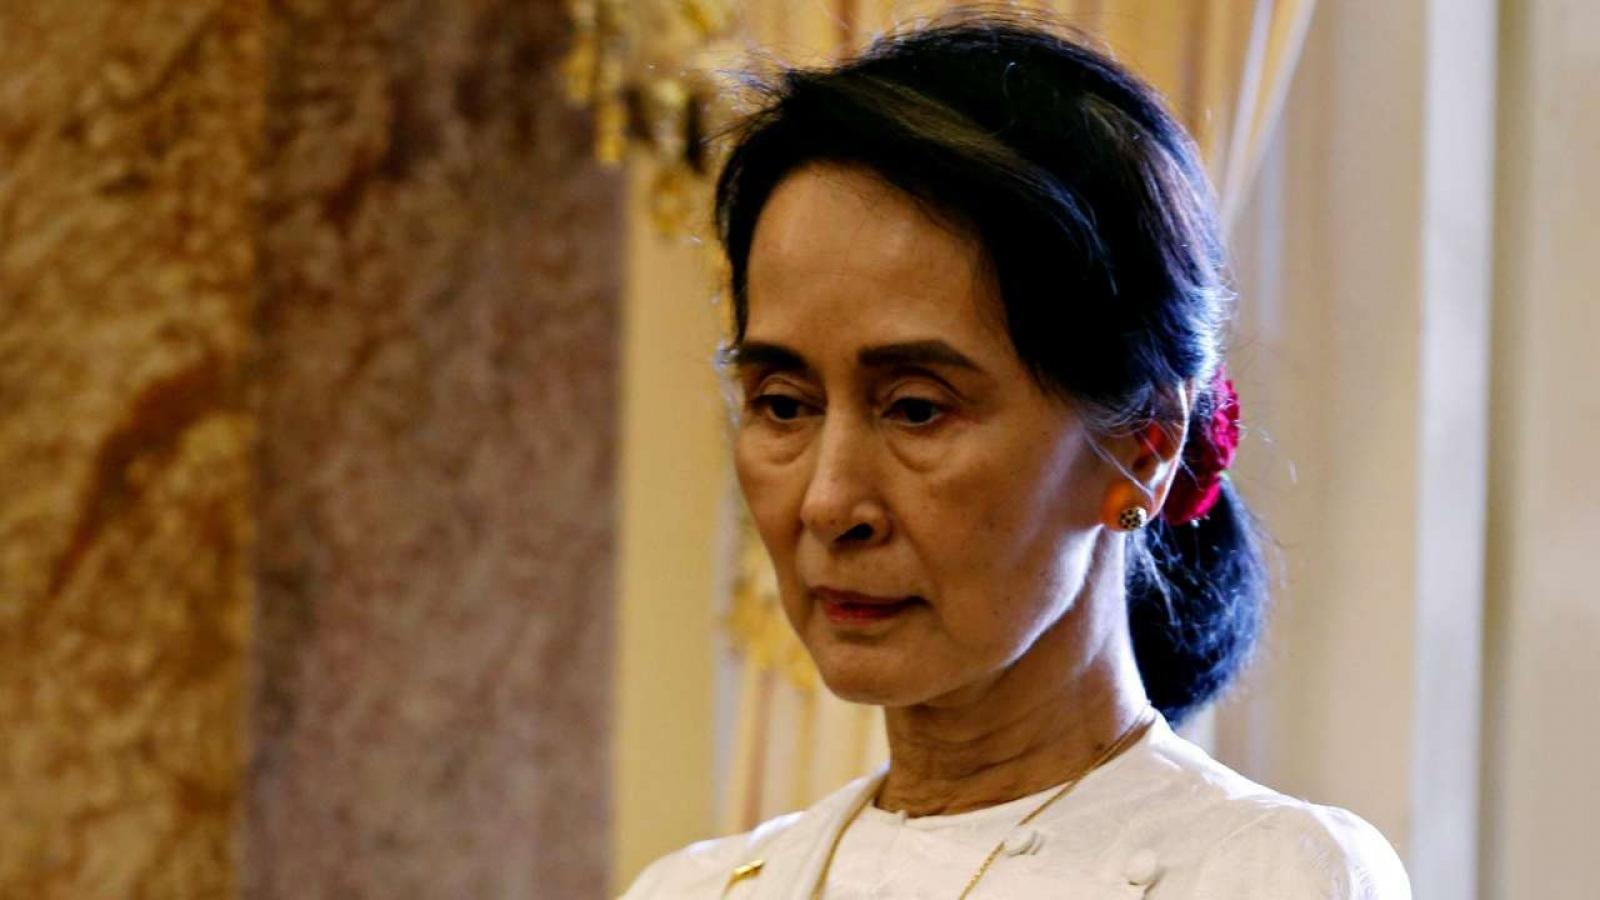 Quốc tế tiếp tục phản ứng về tình hình tại Myanmar